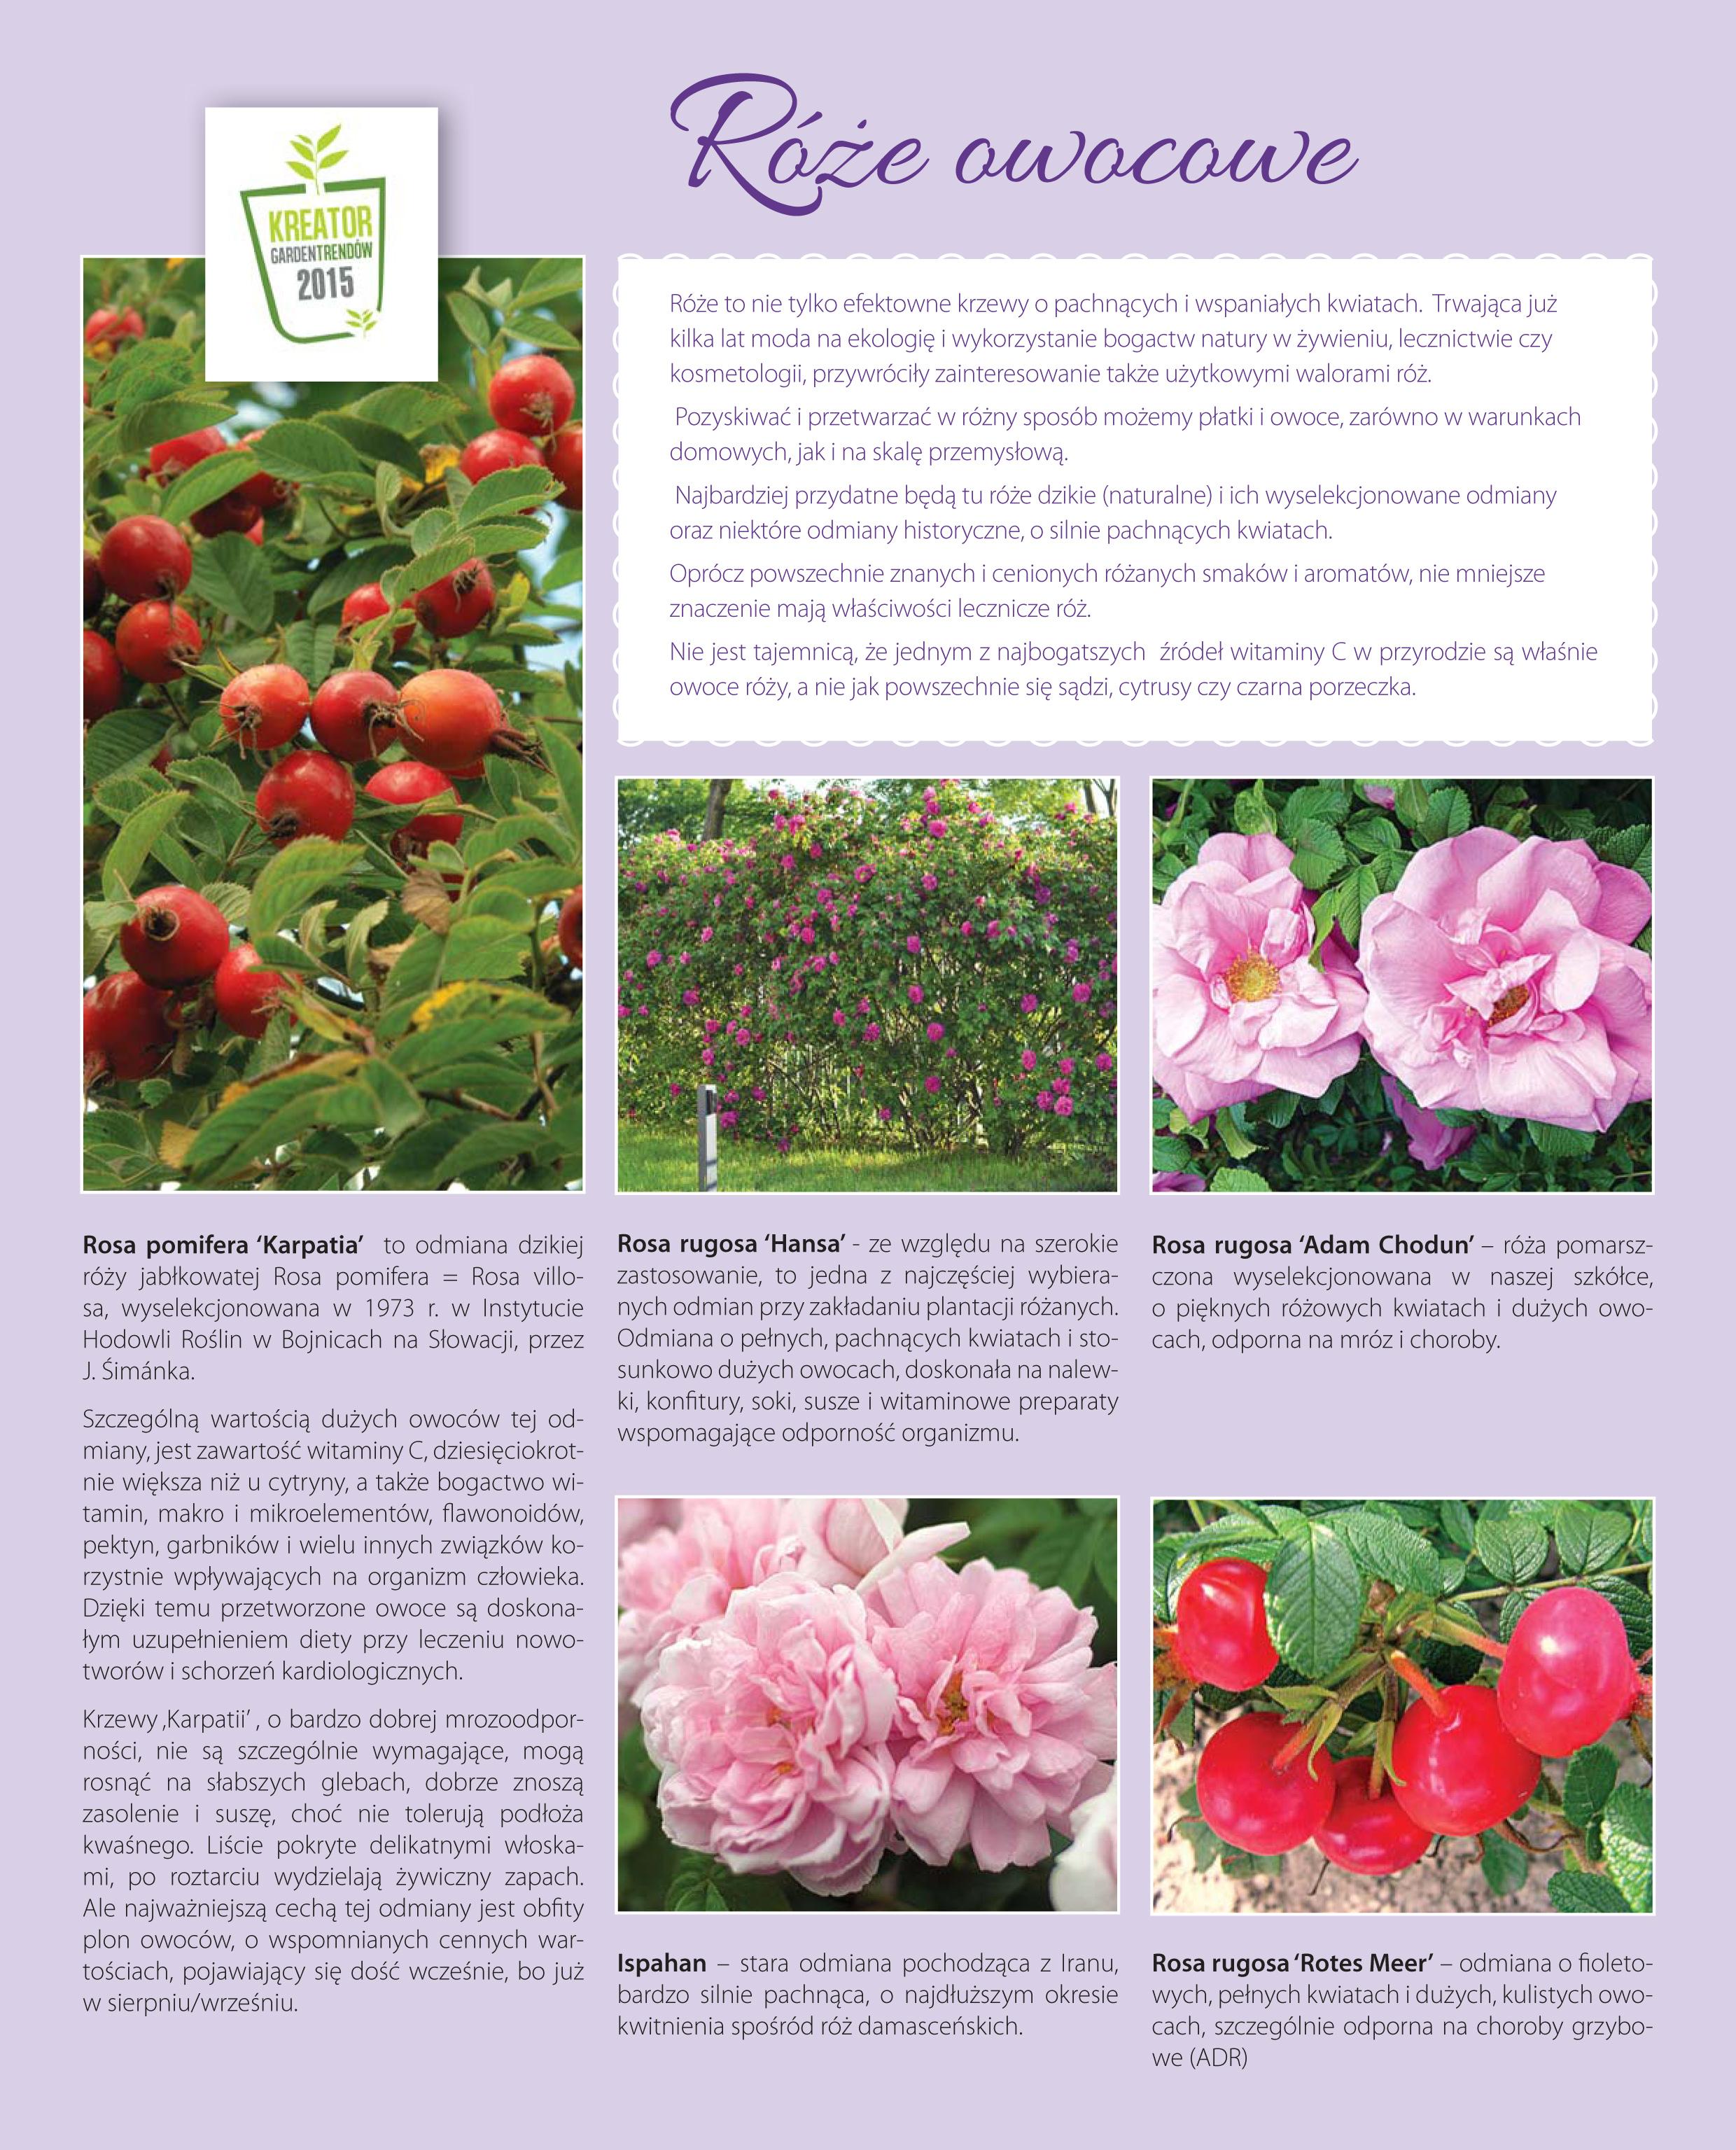 Roze owocowe.indd